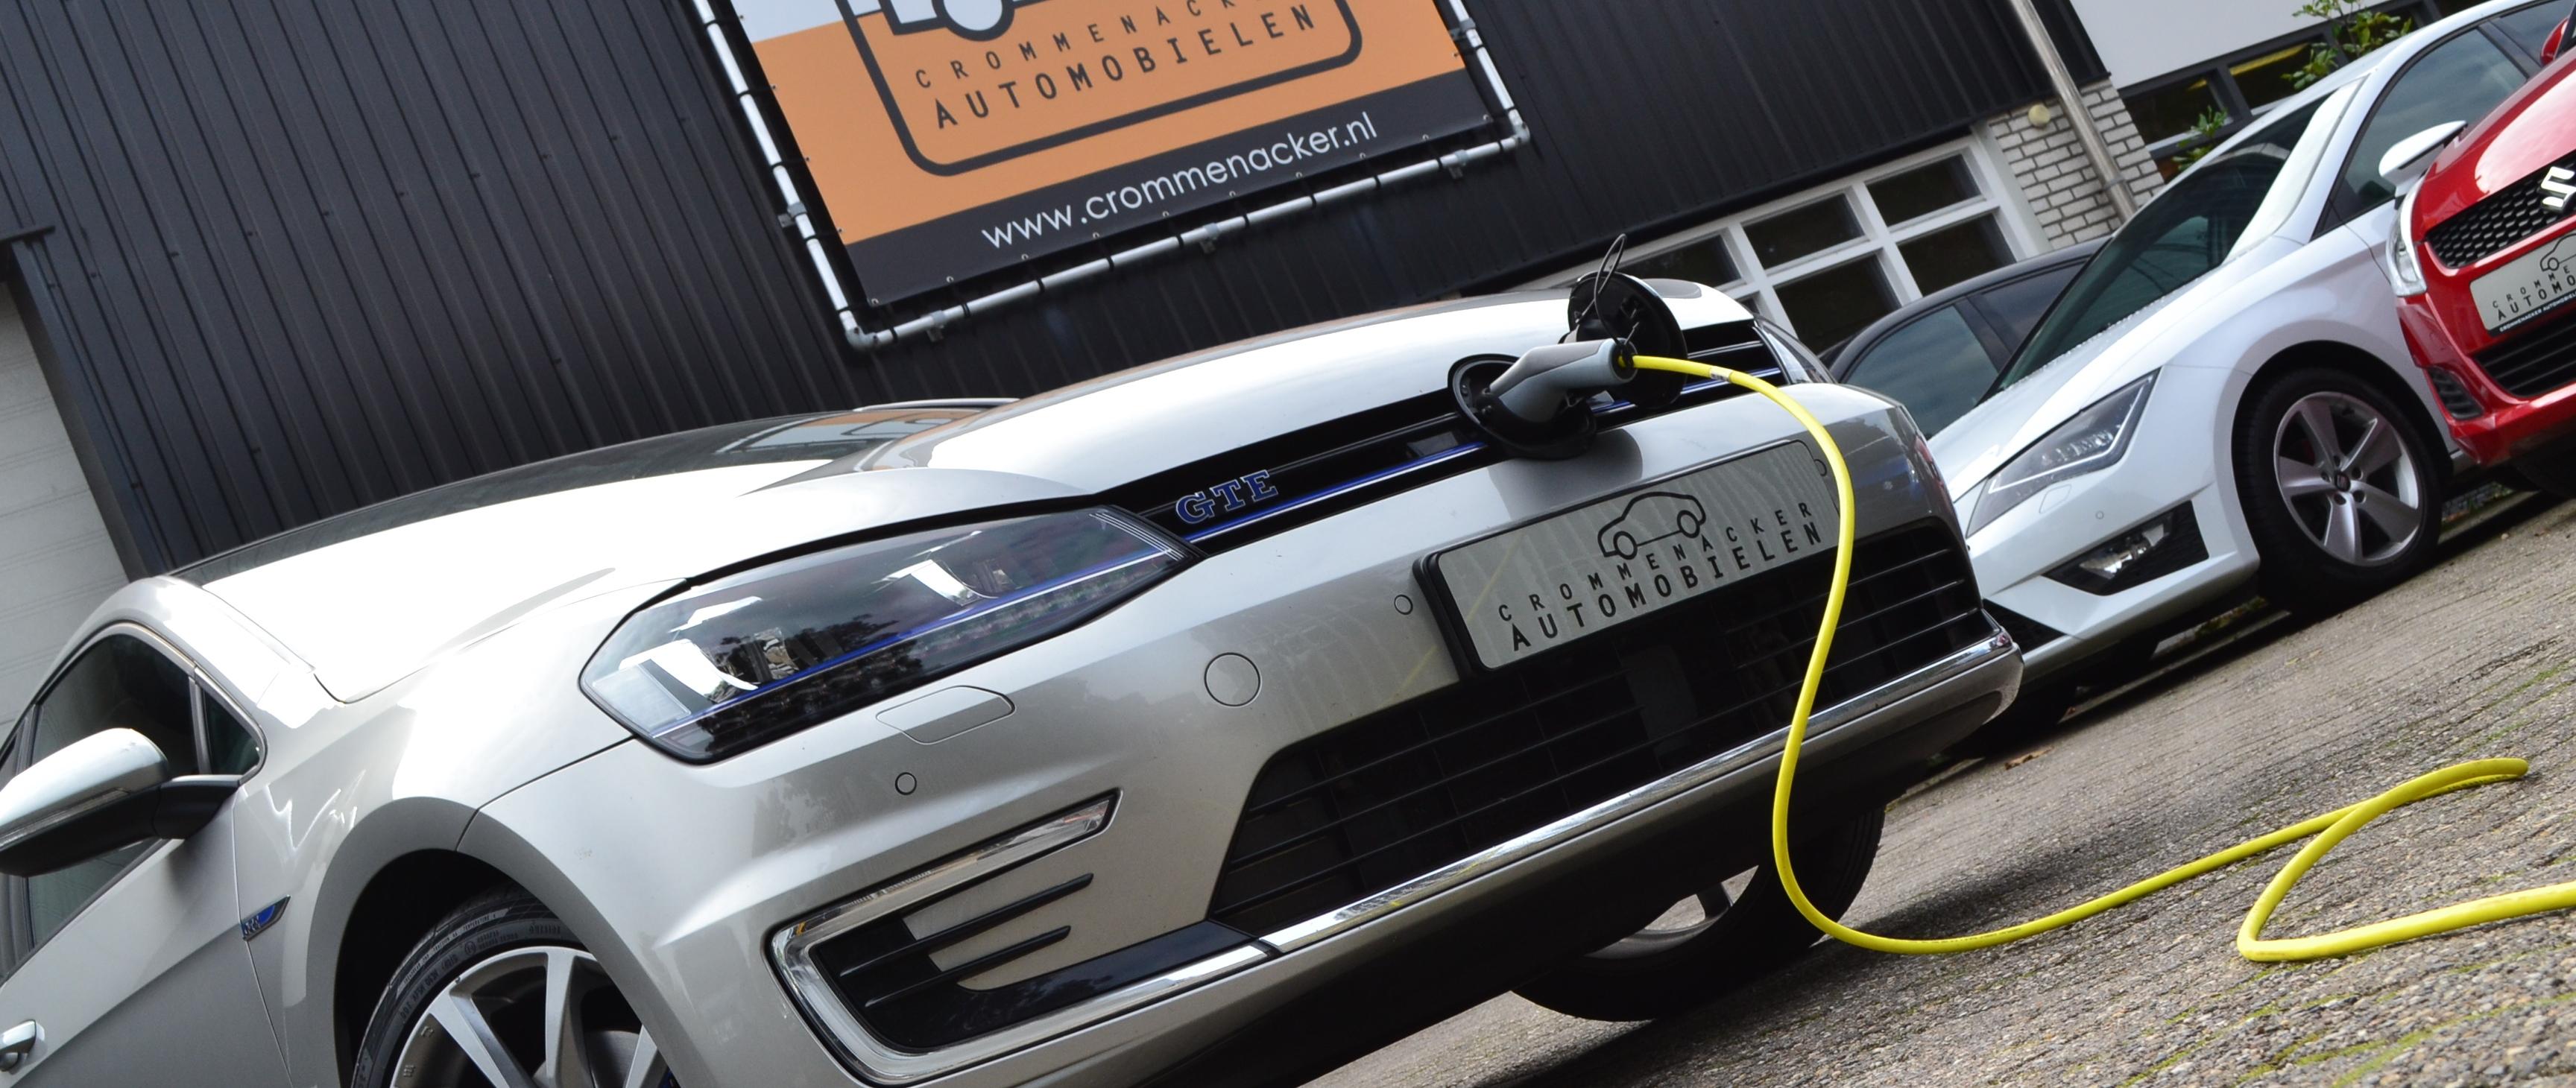 elektrische auto hybride Golf GTE Crommenacker